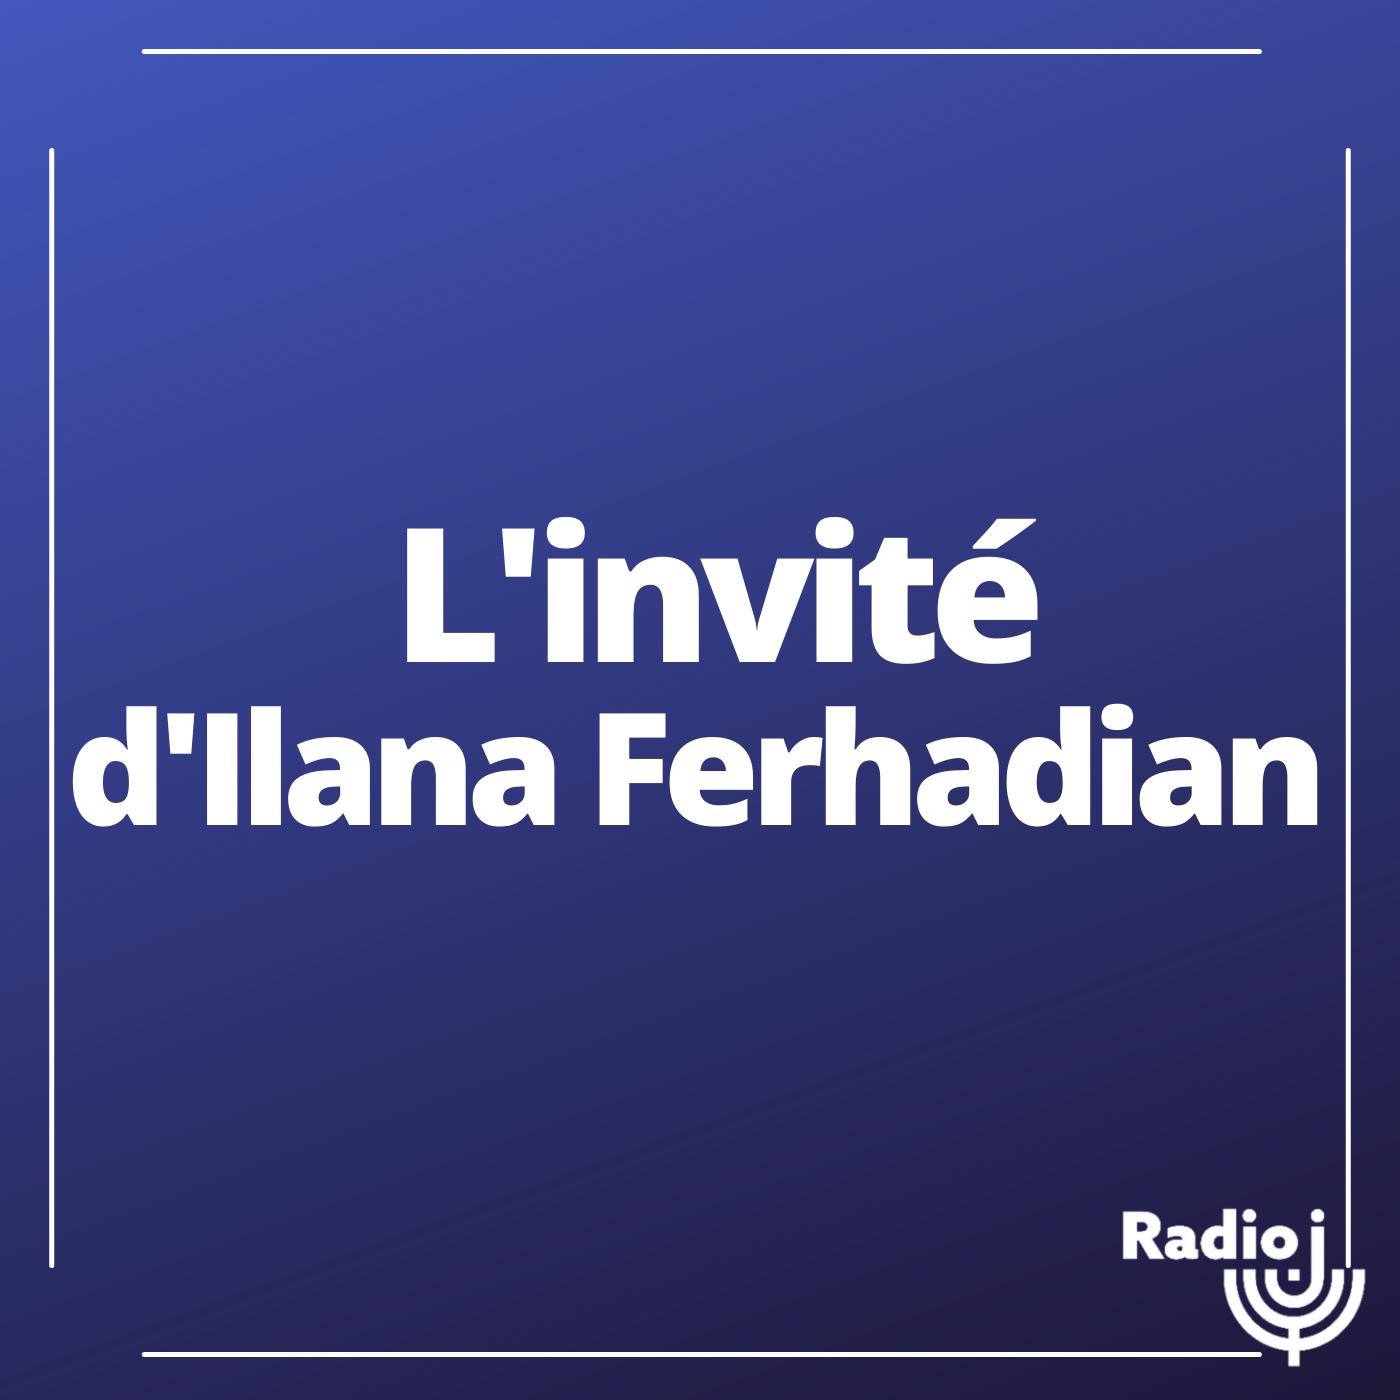 L'invité d'Ilana Ferhadian